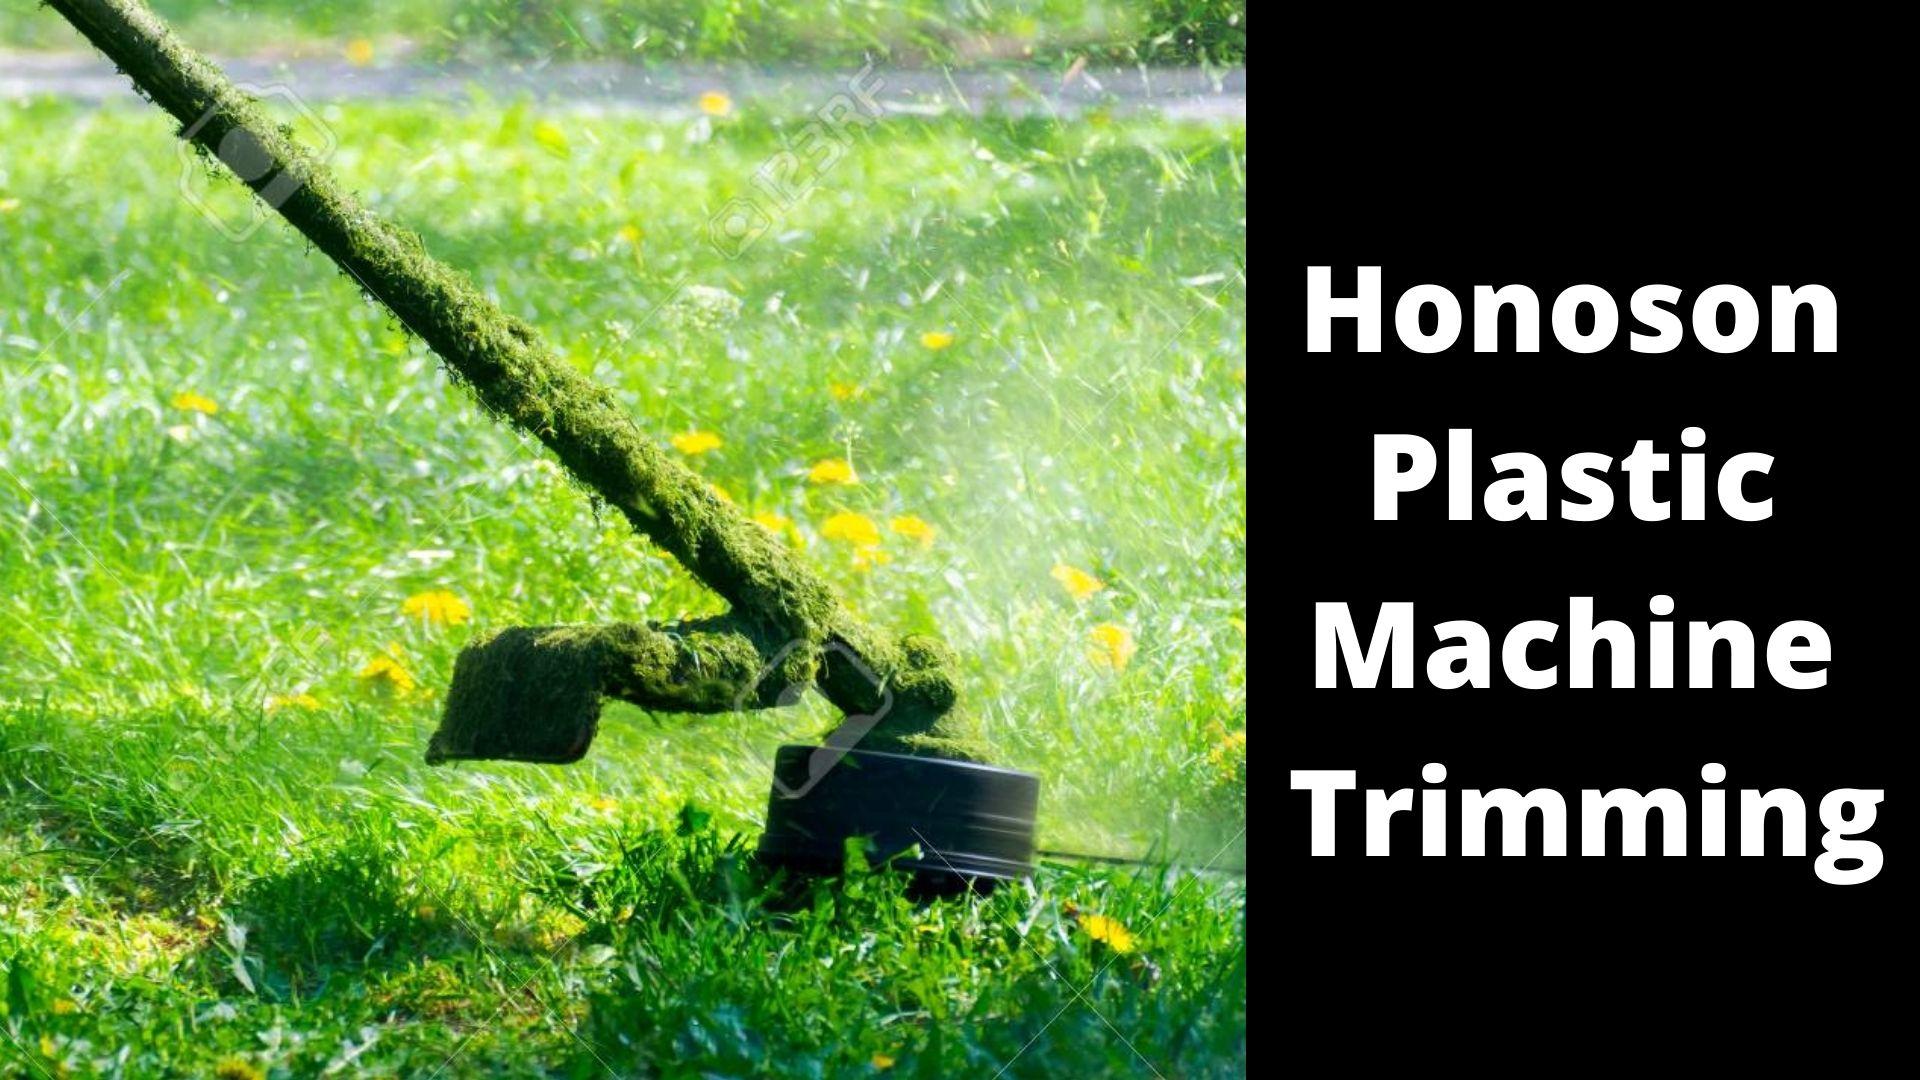 Honoson Plastic Machine Trimming